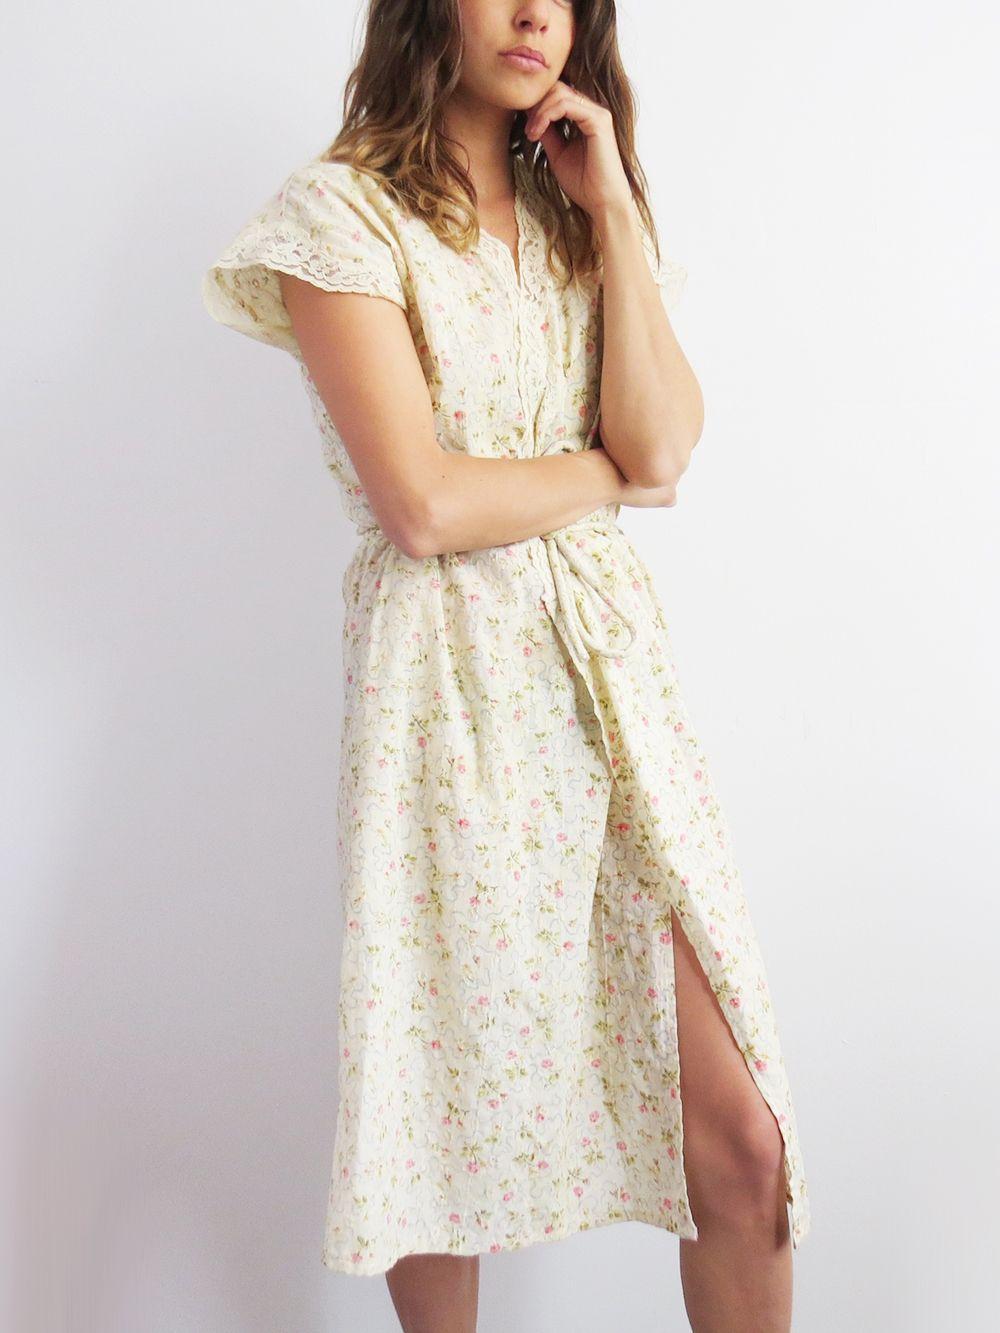 Floral wrap dress vintage floral us dress sold ss